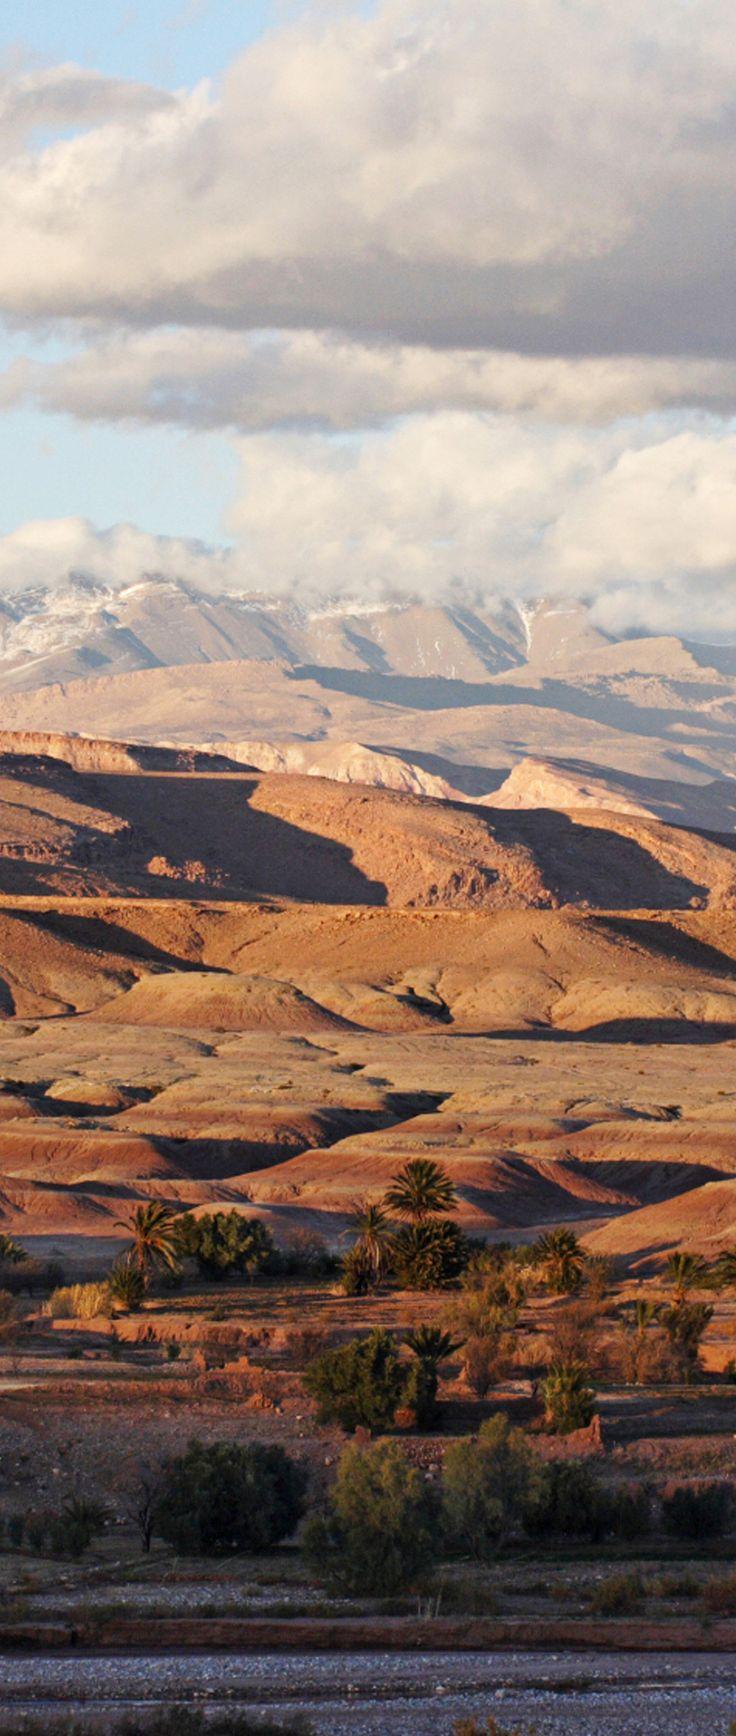 Explore the Atlas Mountains in Morocco.